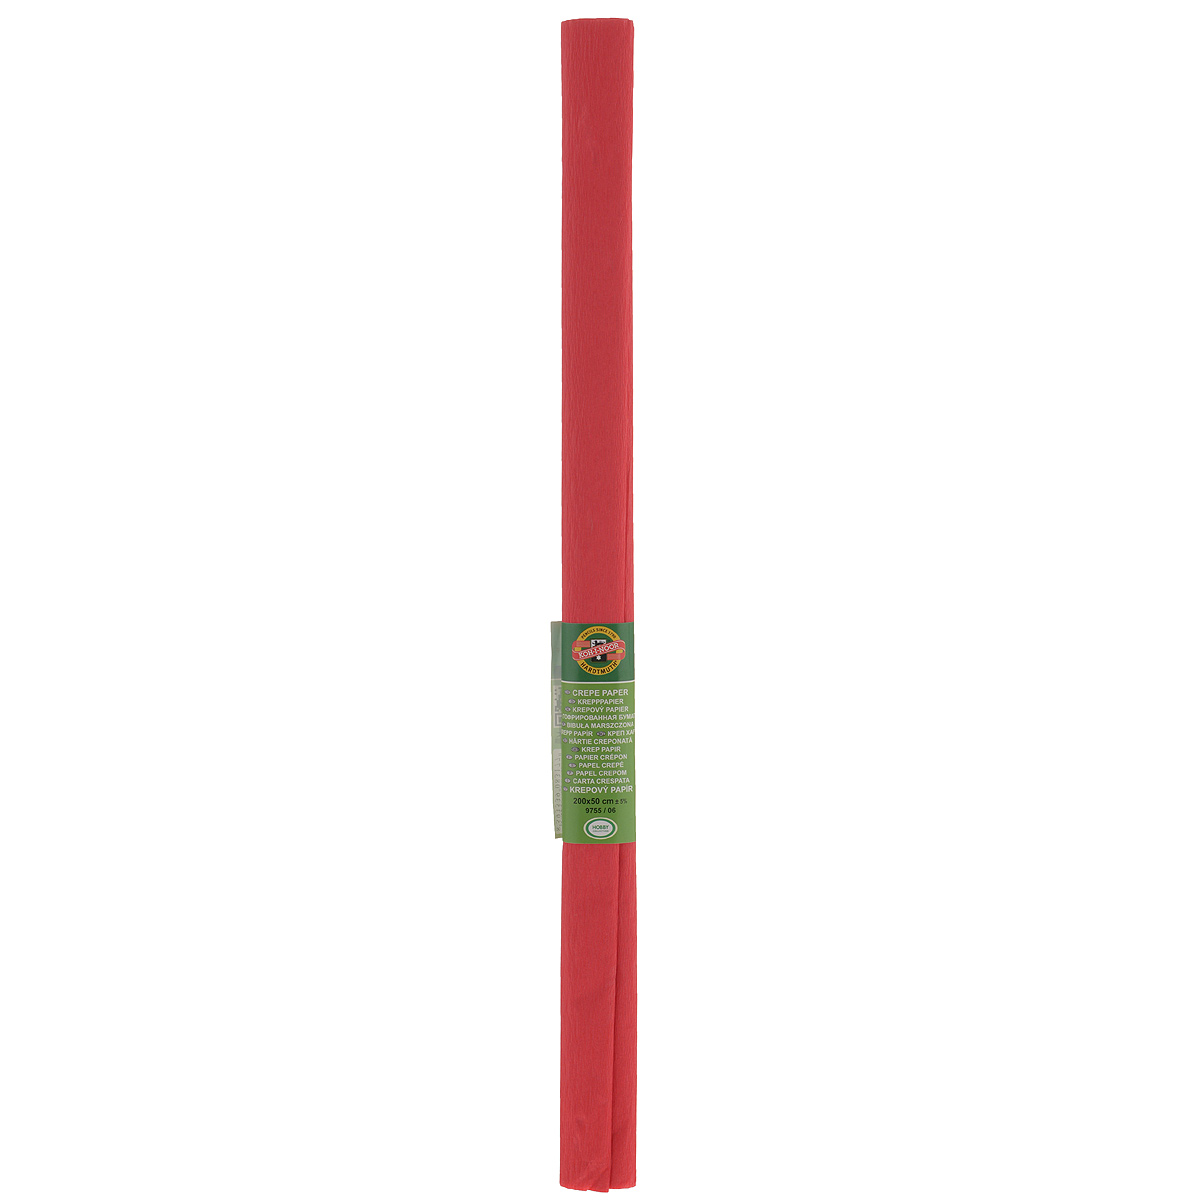 Бумага гофрированная Koh-I-Noor, цвет: светло-красный, 50 см x 2 м9755/06 св.крас.Гофрированная бумага Koh-I-Noor - прекрасный материал для декорирования, изготовления эффектной упаковки и различных поделок. Бумага прекрасно держит форму, не пачкает руки, отлично крепится и замечательно подходит для изготовления праздничной упаковки для цветов.